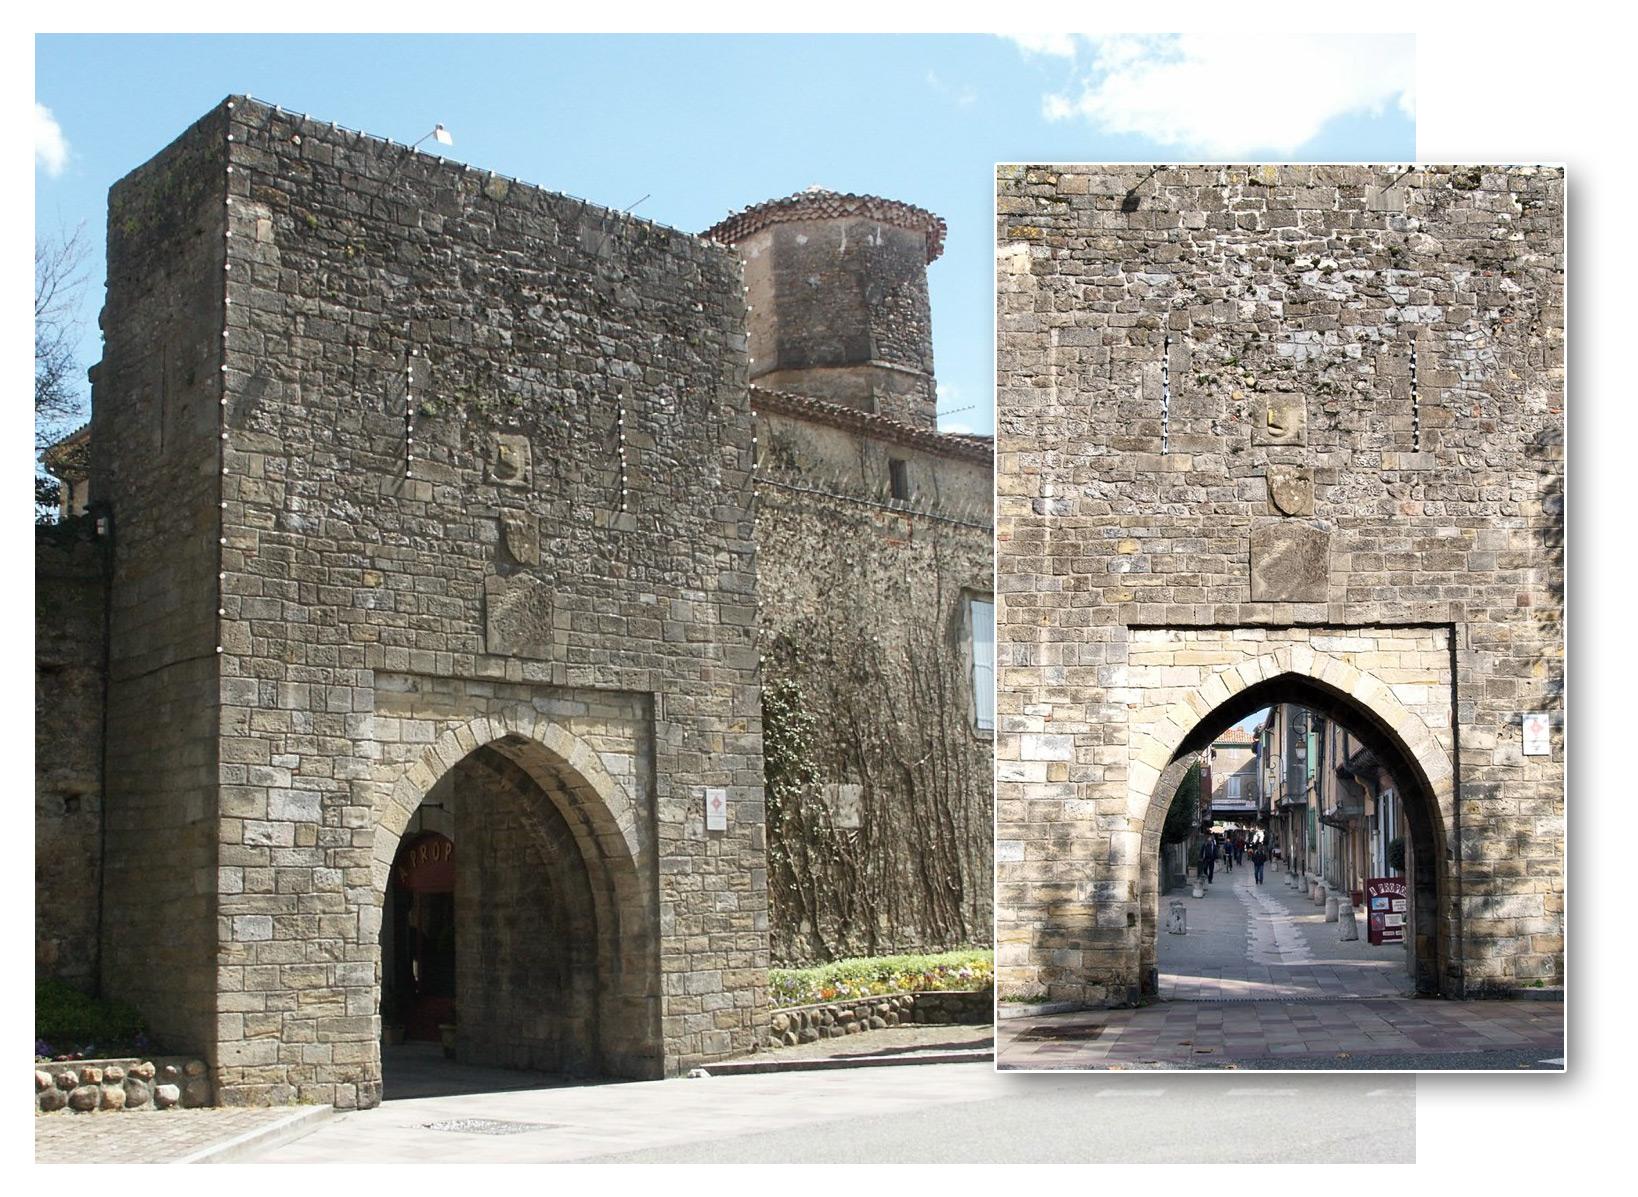 porte_aval_mirepoix_ville_bastide_medievale_fetes_historique_moyen-age